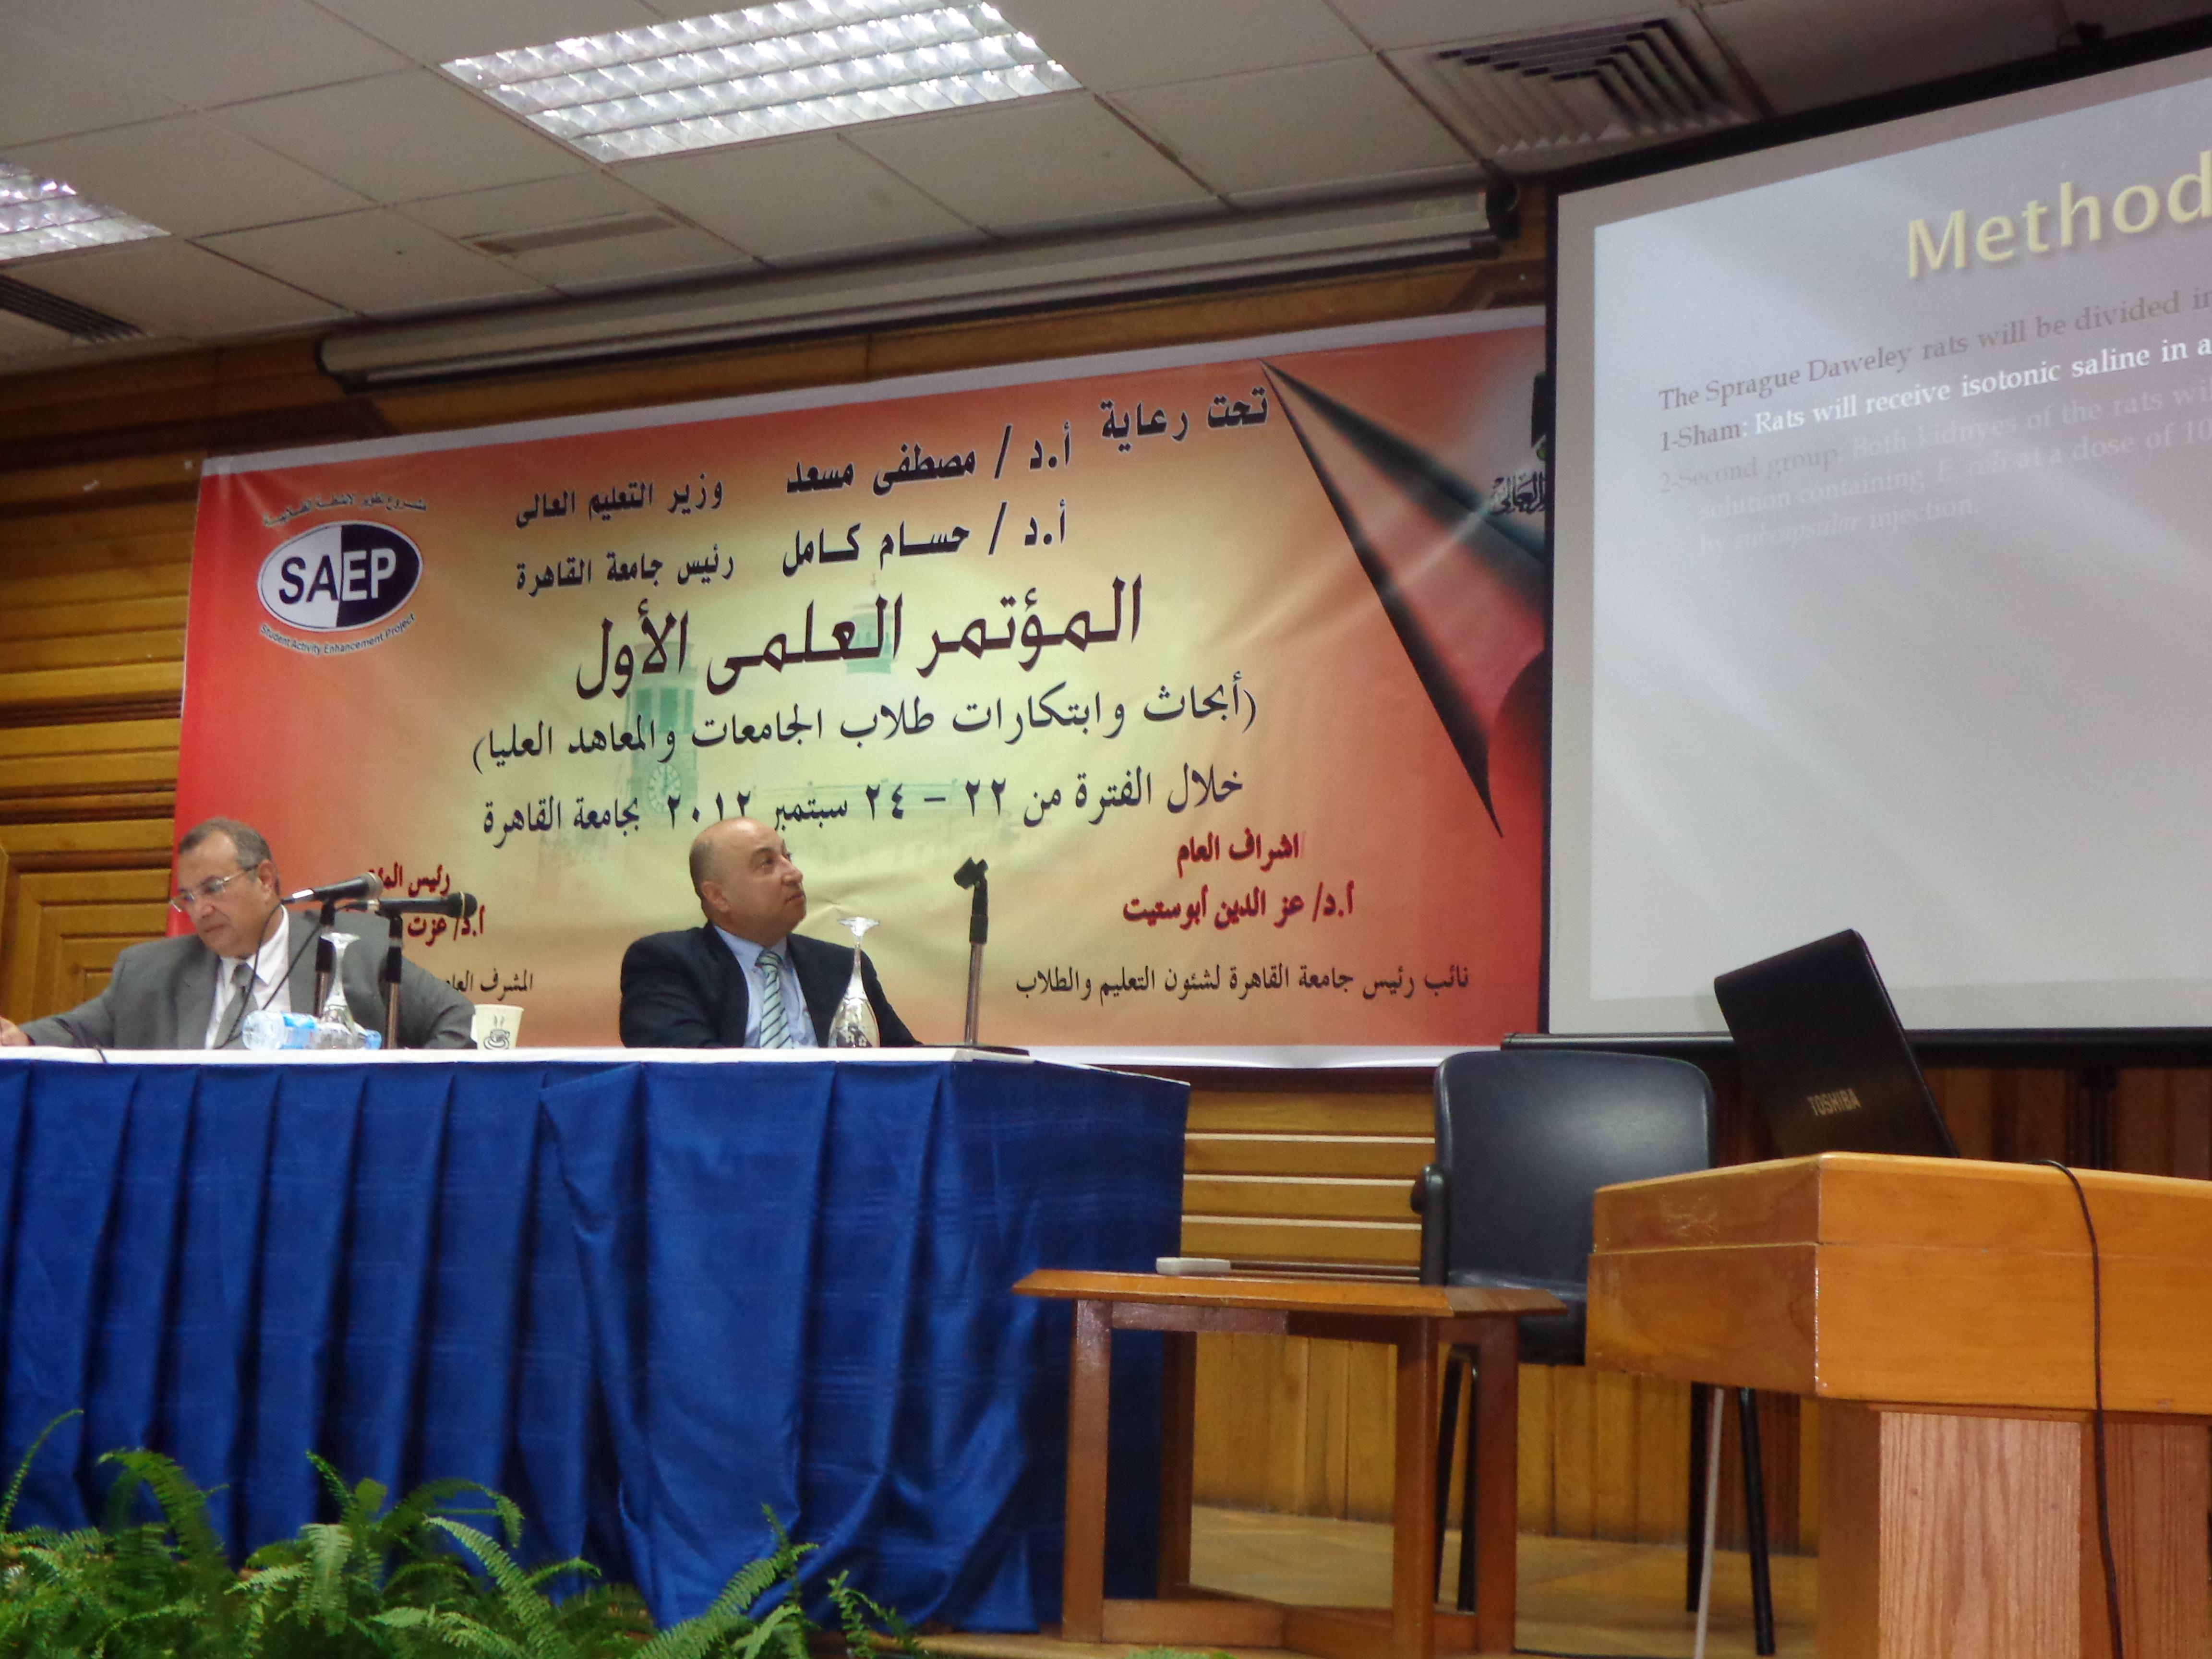 نتائج المؤتمر العلمى الأول لطلاب الجامعات والمعاهد العليا